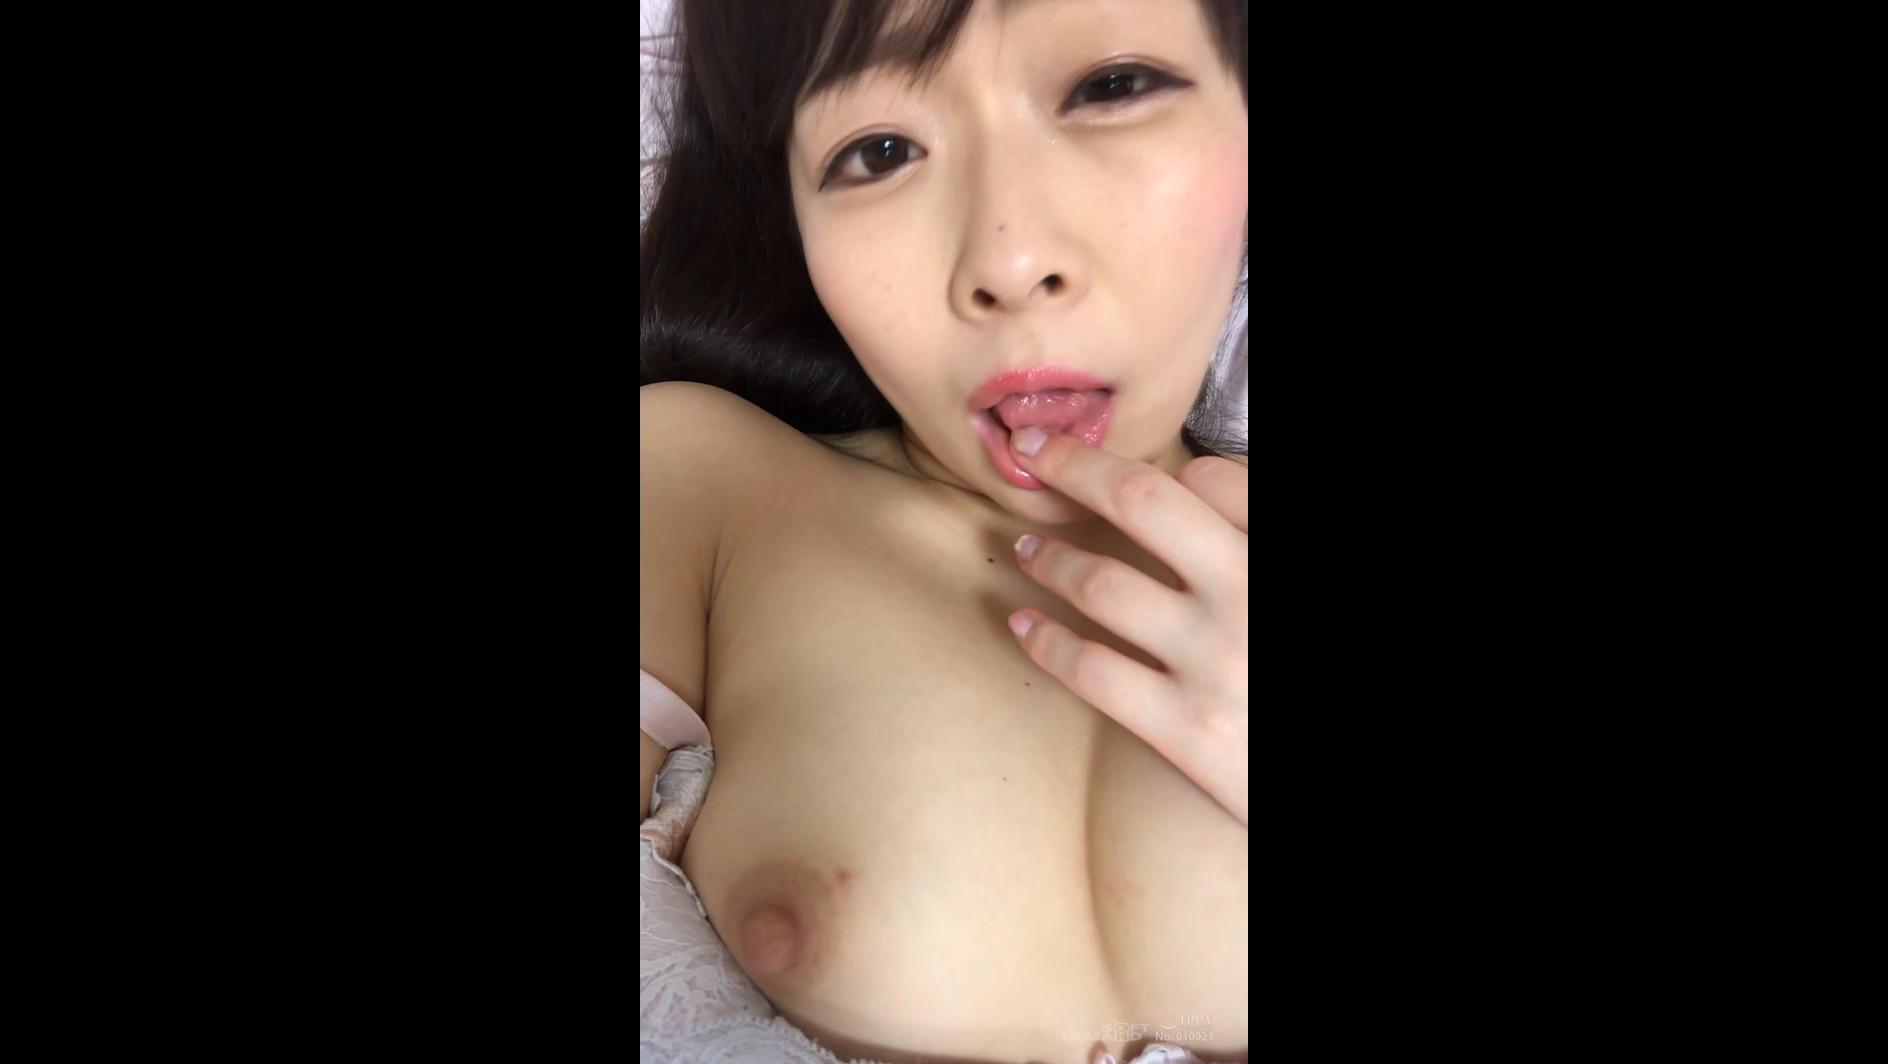 ビデオ通話エッチ JOIみおり 【縦動画】 画像9